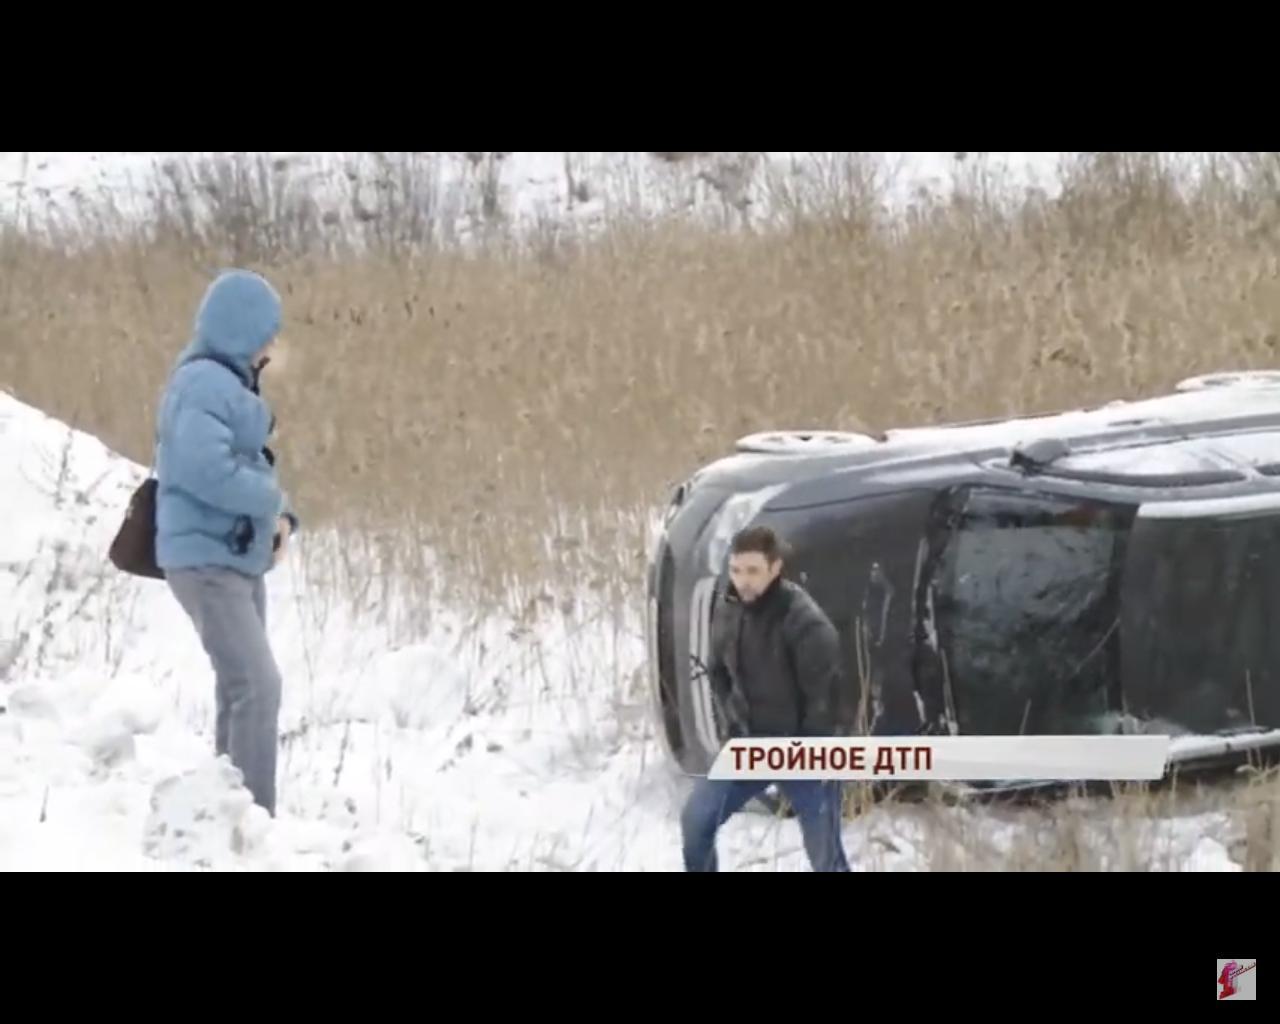 «И снег, и лед, и гололед»: в ДТП на окружной дороге в Ярославле пострадали шесть машин